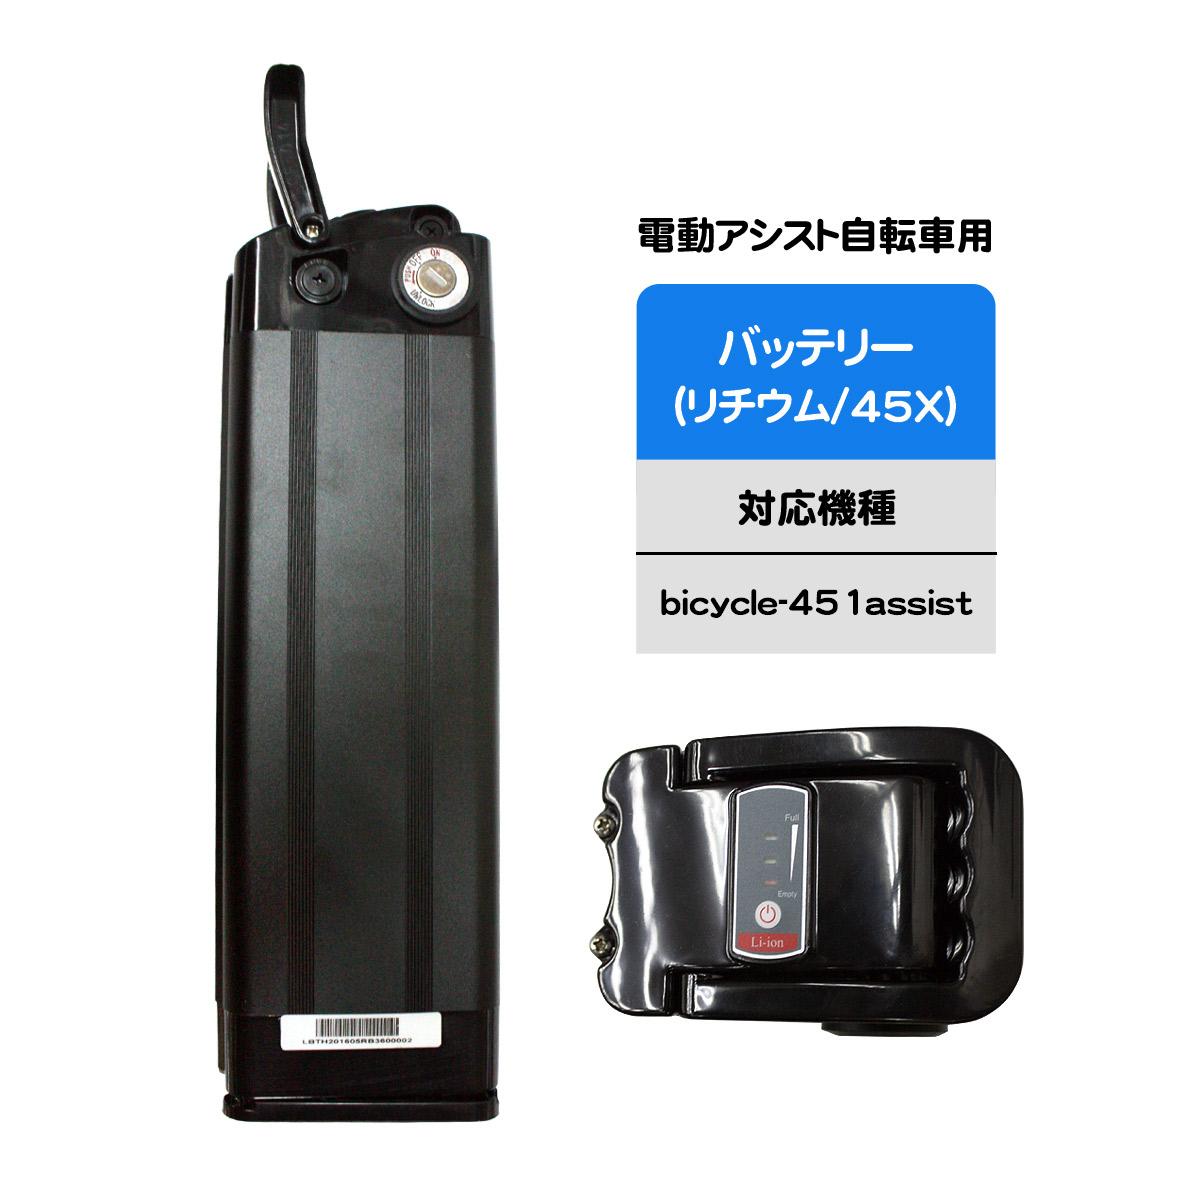 電動アシスト自転車用バッテリー(451用 リチウム型)